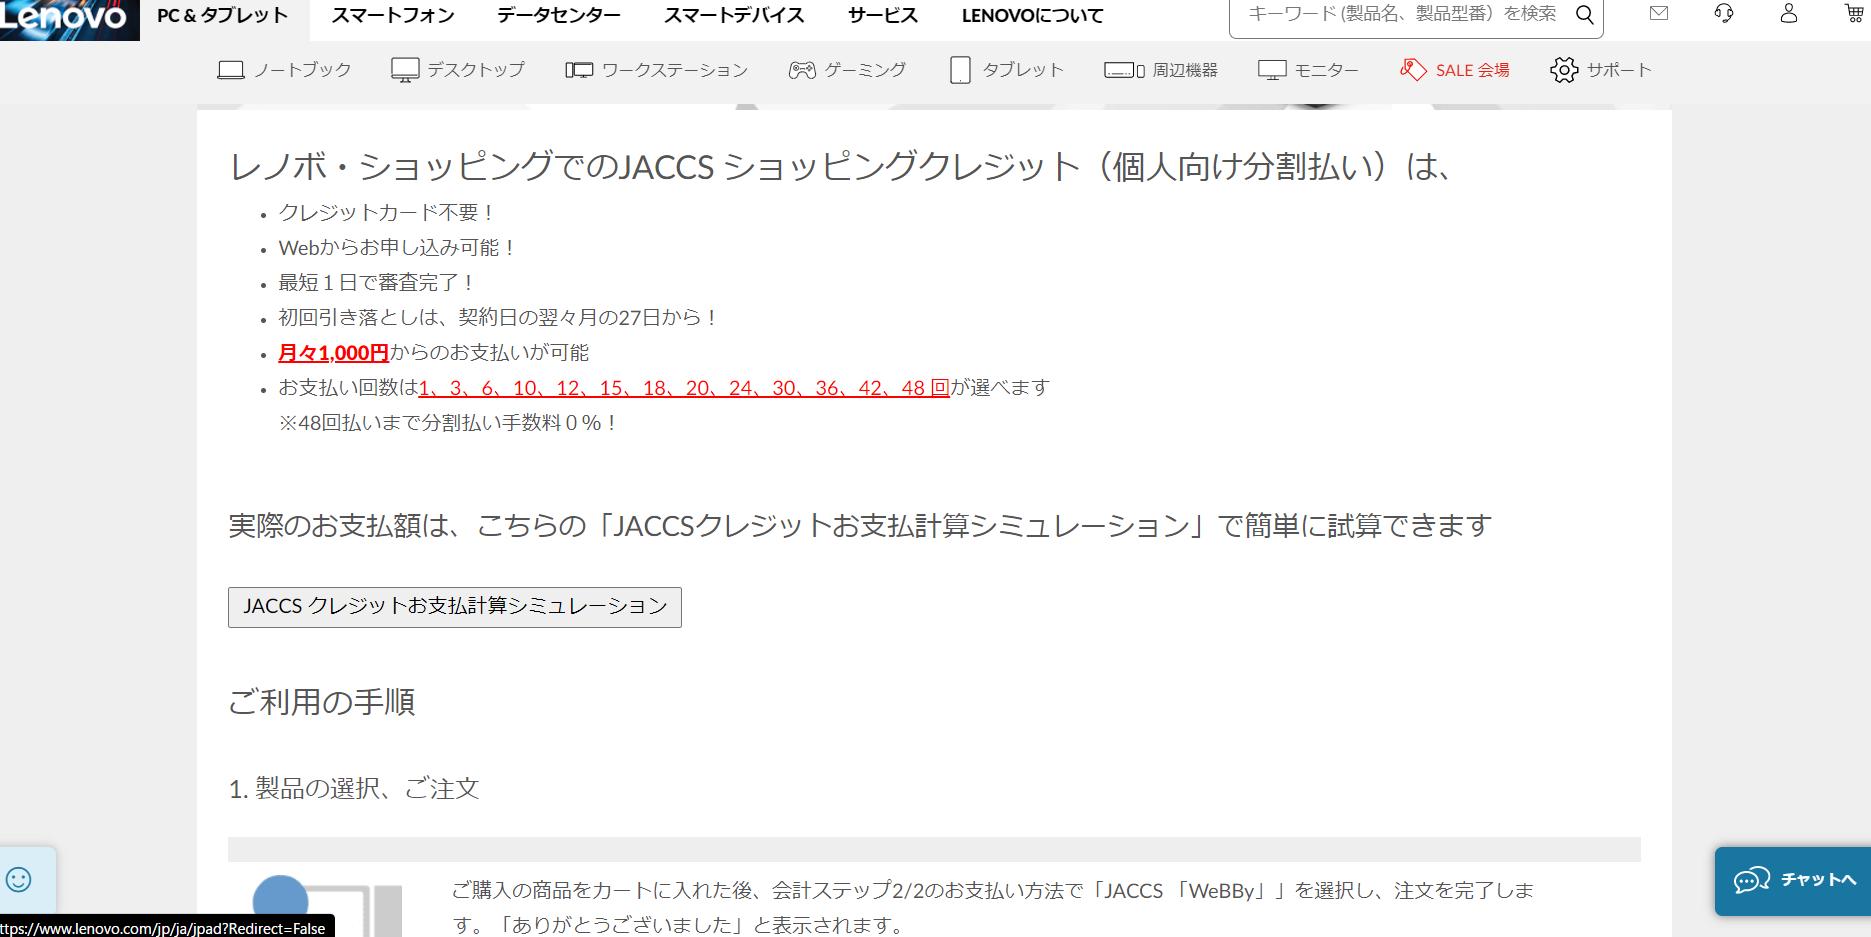 JACCSのローンページの説明